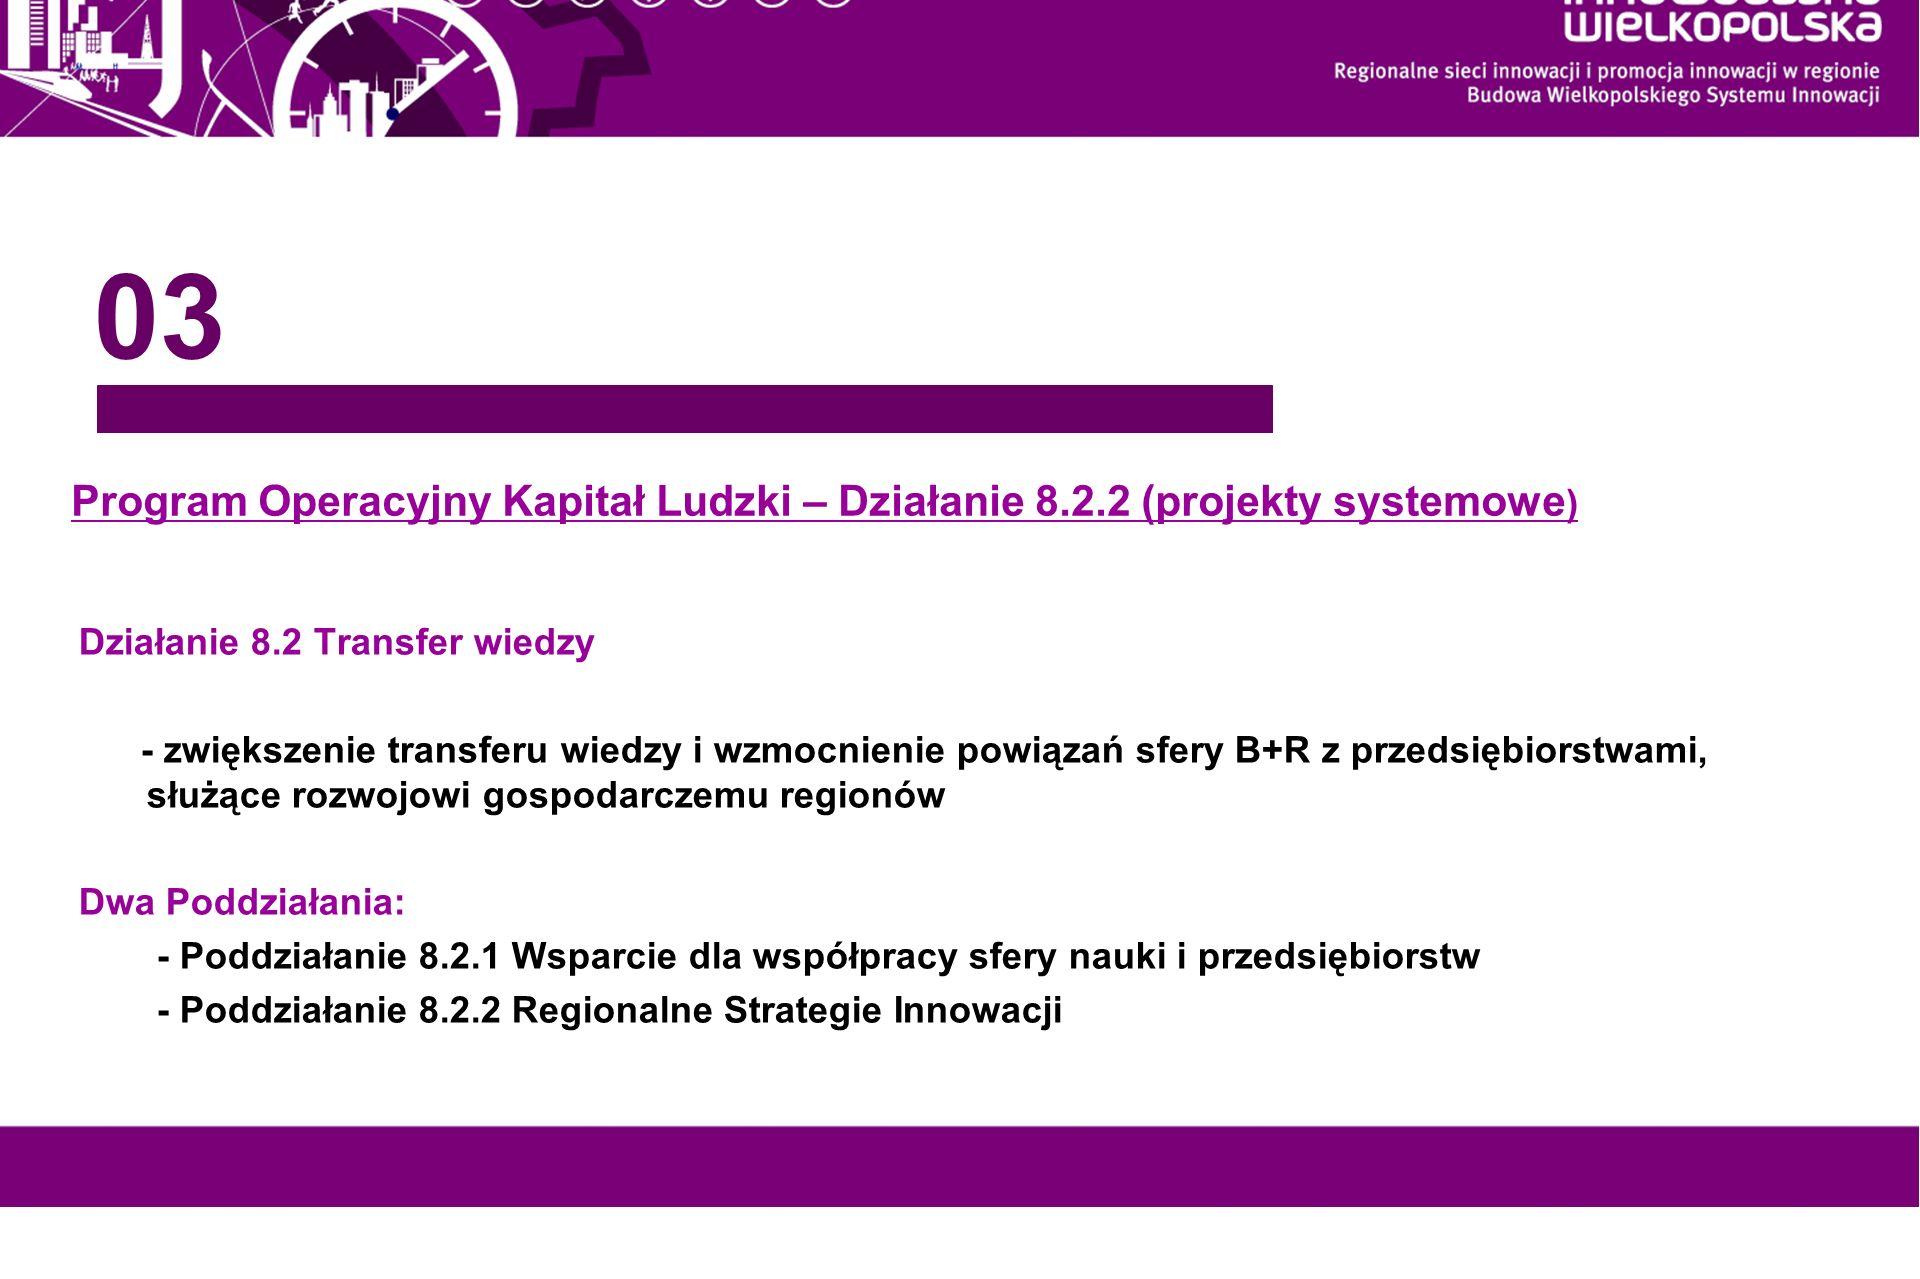 03Program Operacyjny Kapitał Ludzki – Działanie 8.2.2 (projekty systemowe) Działanie 8.2 Transfer wiedzy.